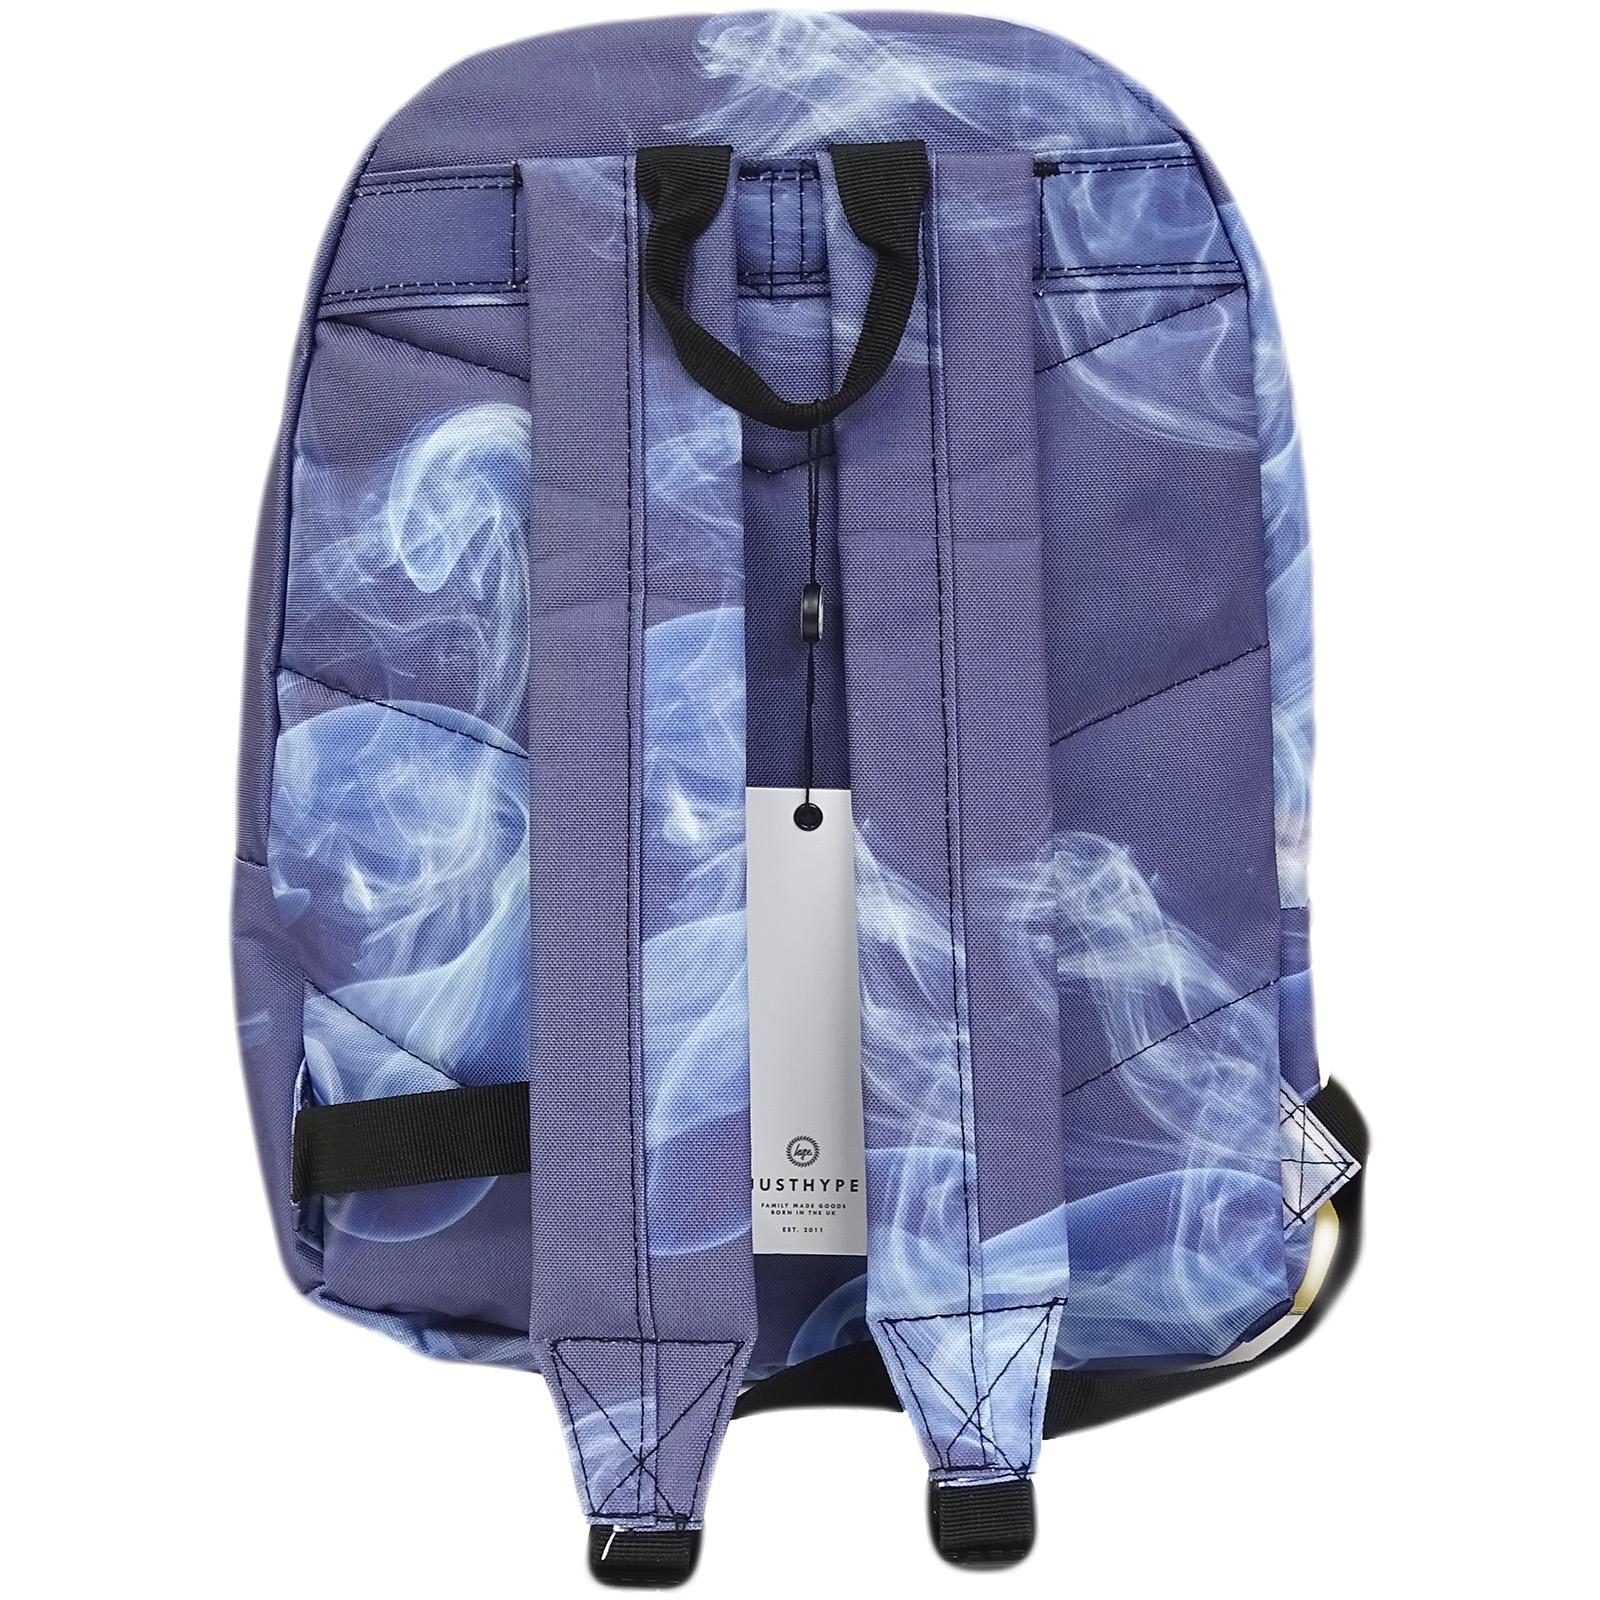 6356e09364 Boys   Girls Hype Backpack Bags - HYPE BAG - School Rucksack